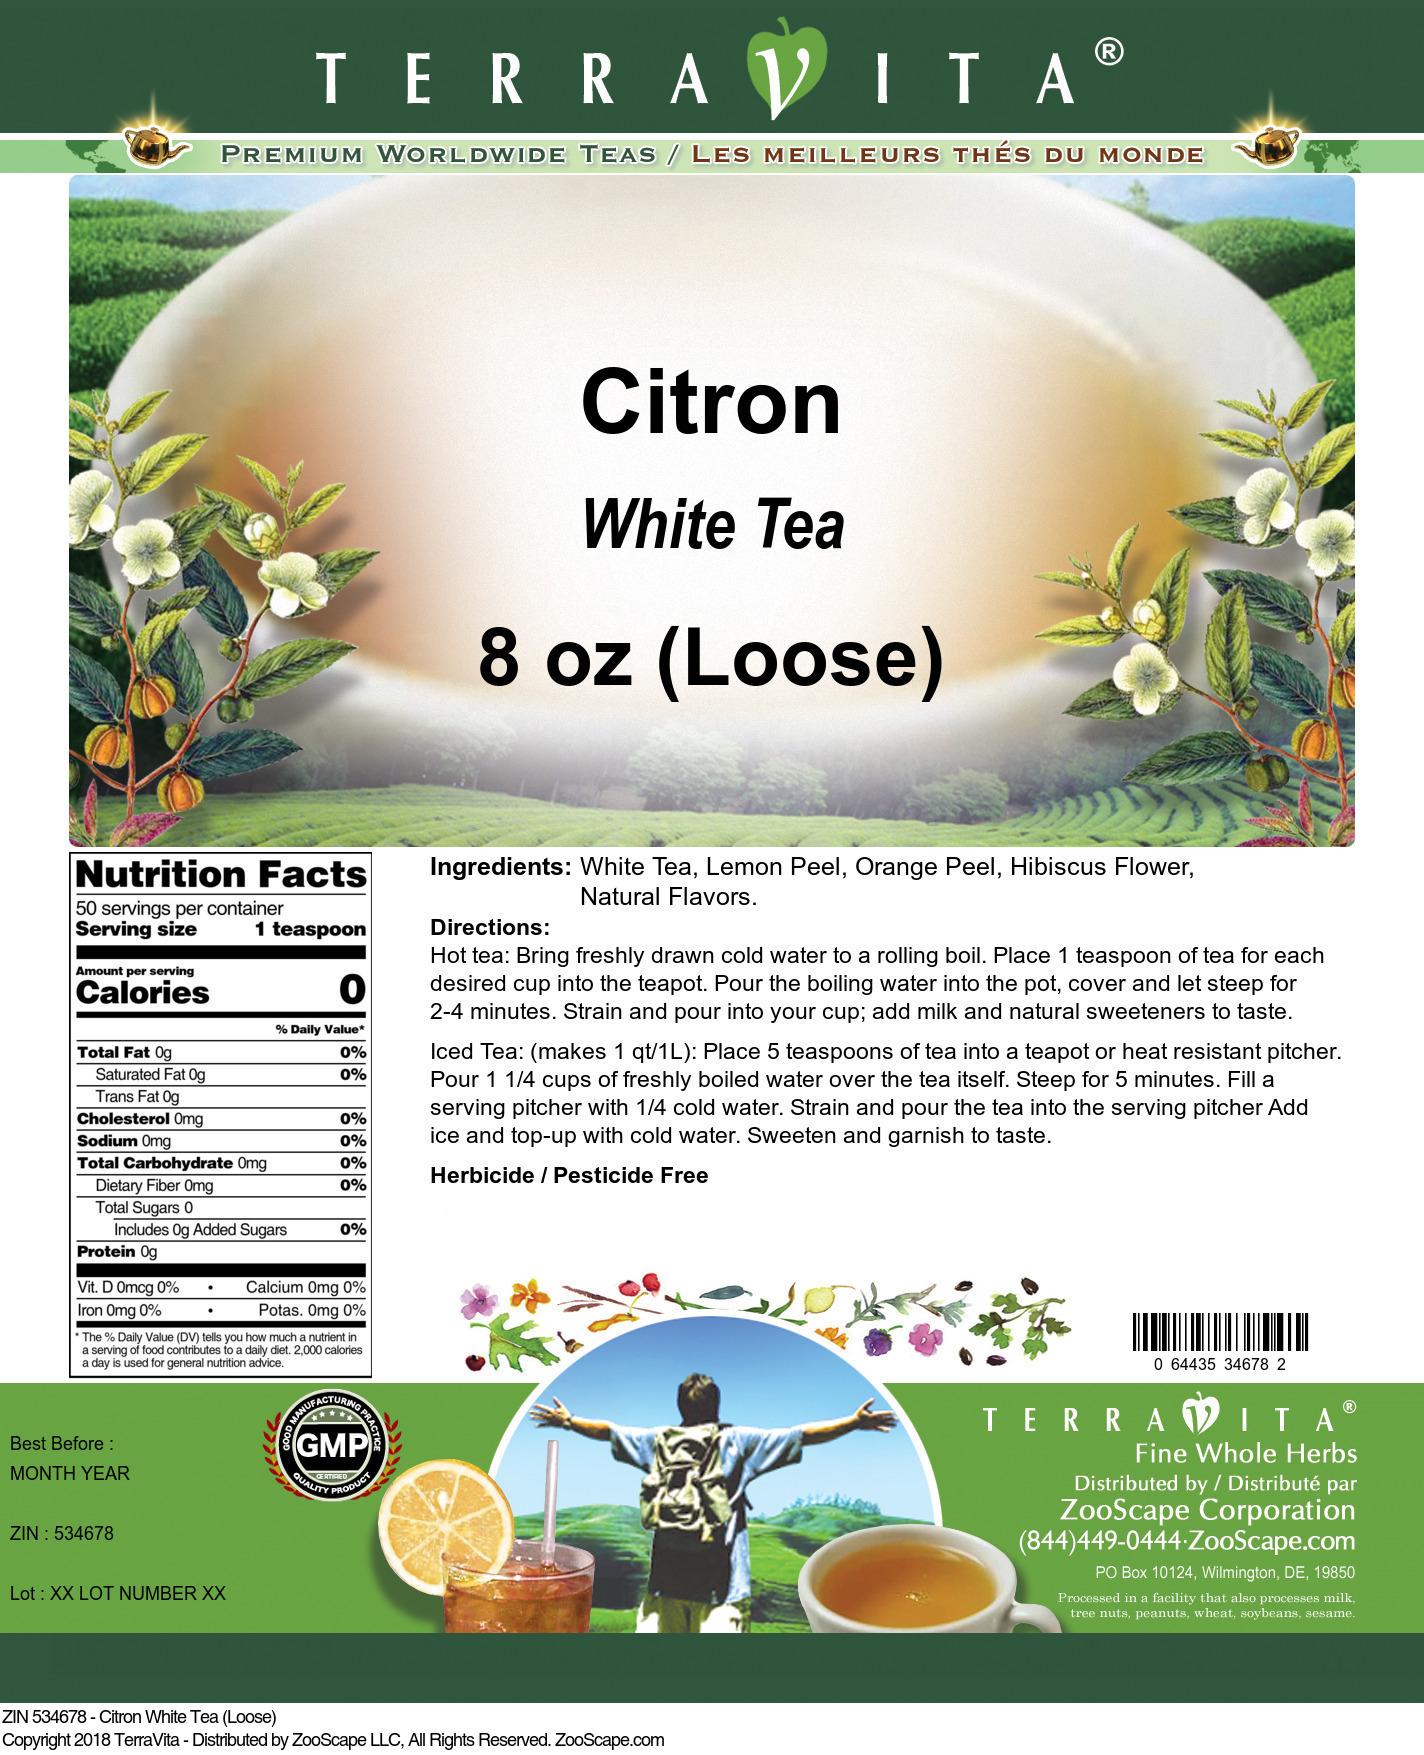 Citron White Tea (Loose)